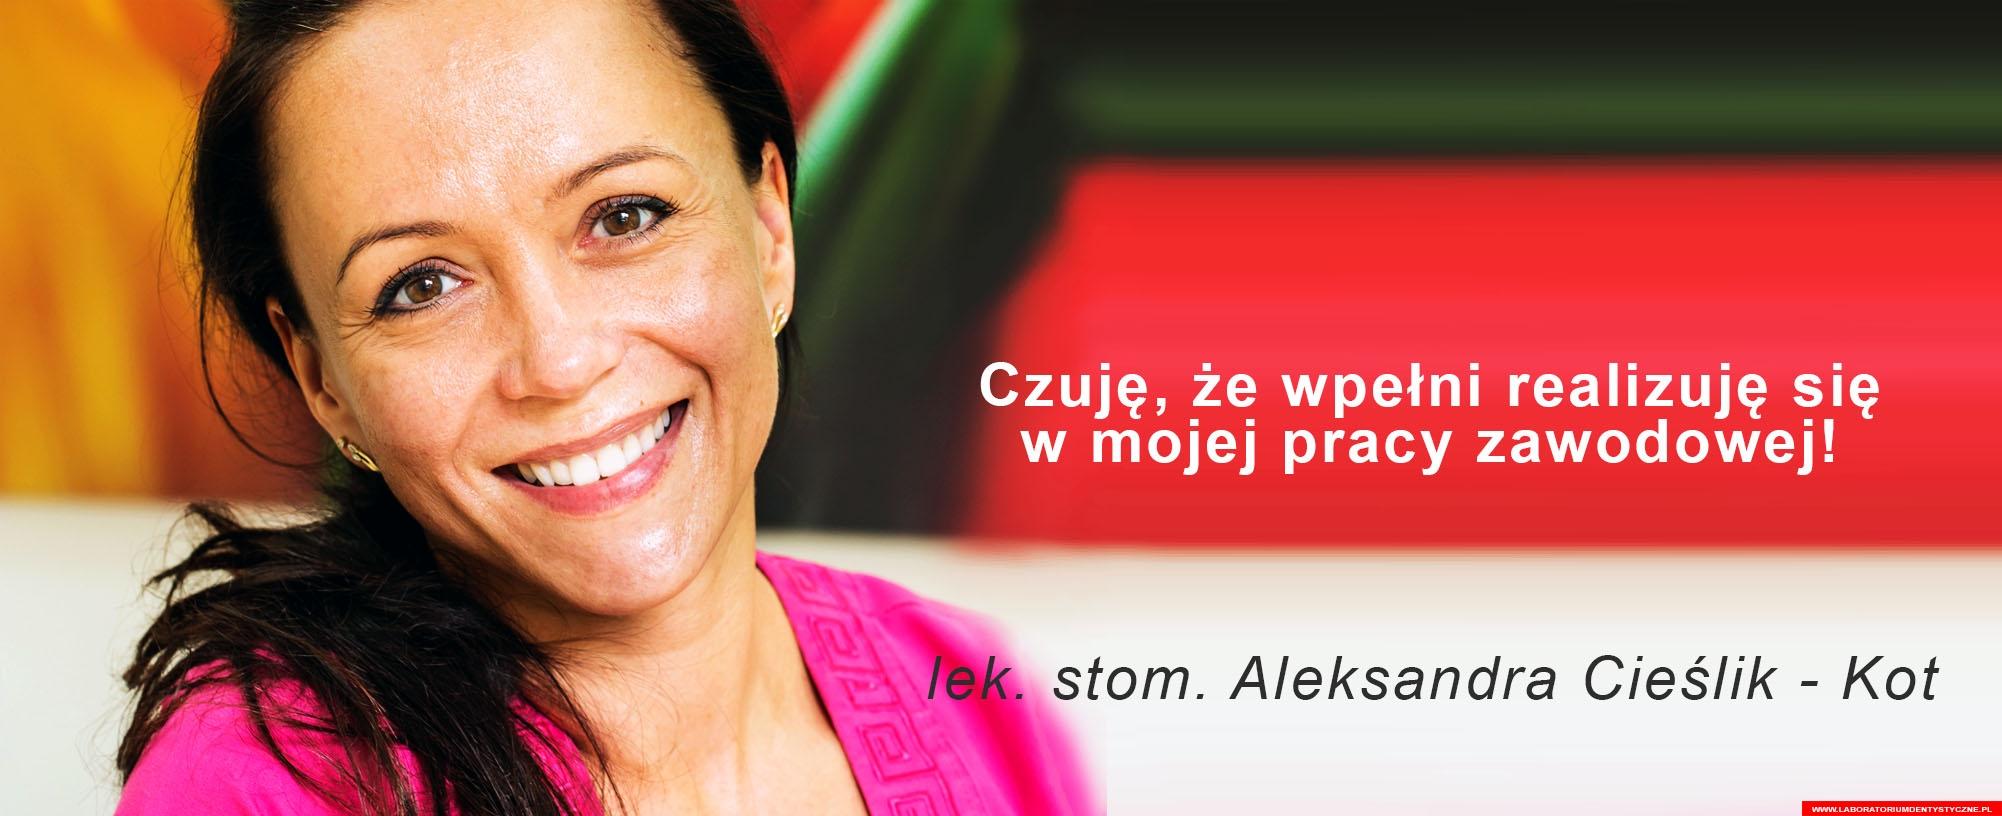 Aleksandra Cieślik Kot – Laboratorium Dentystyczne